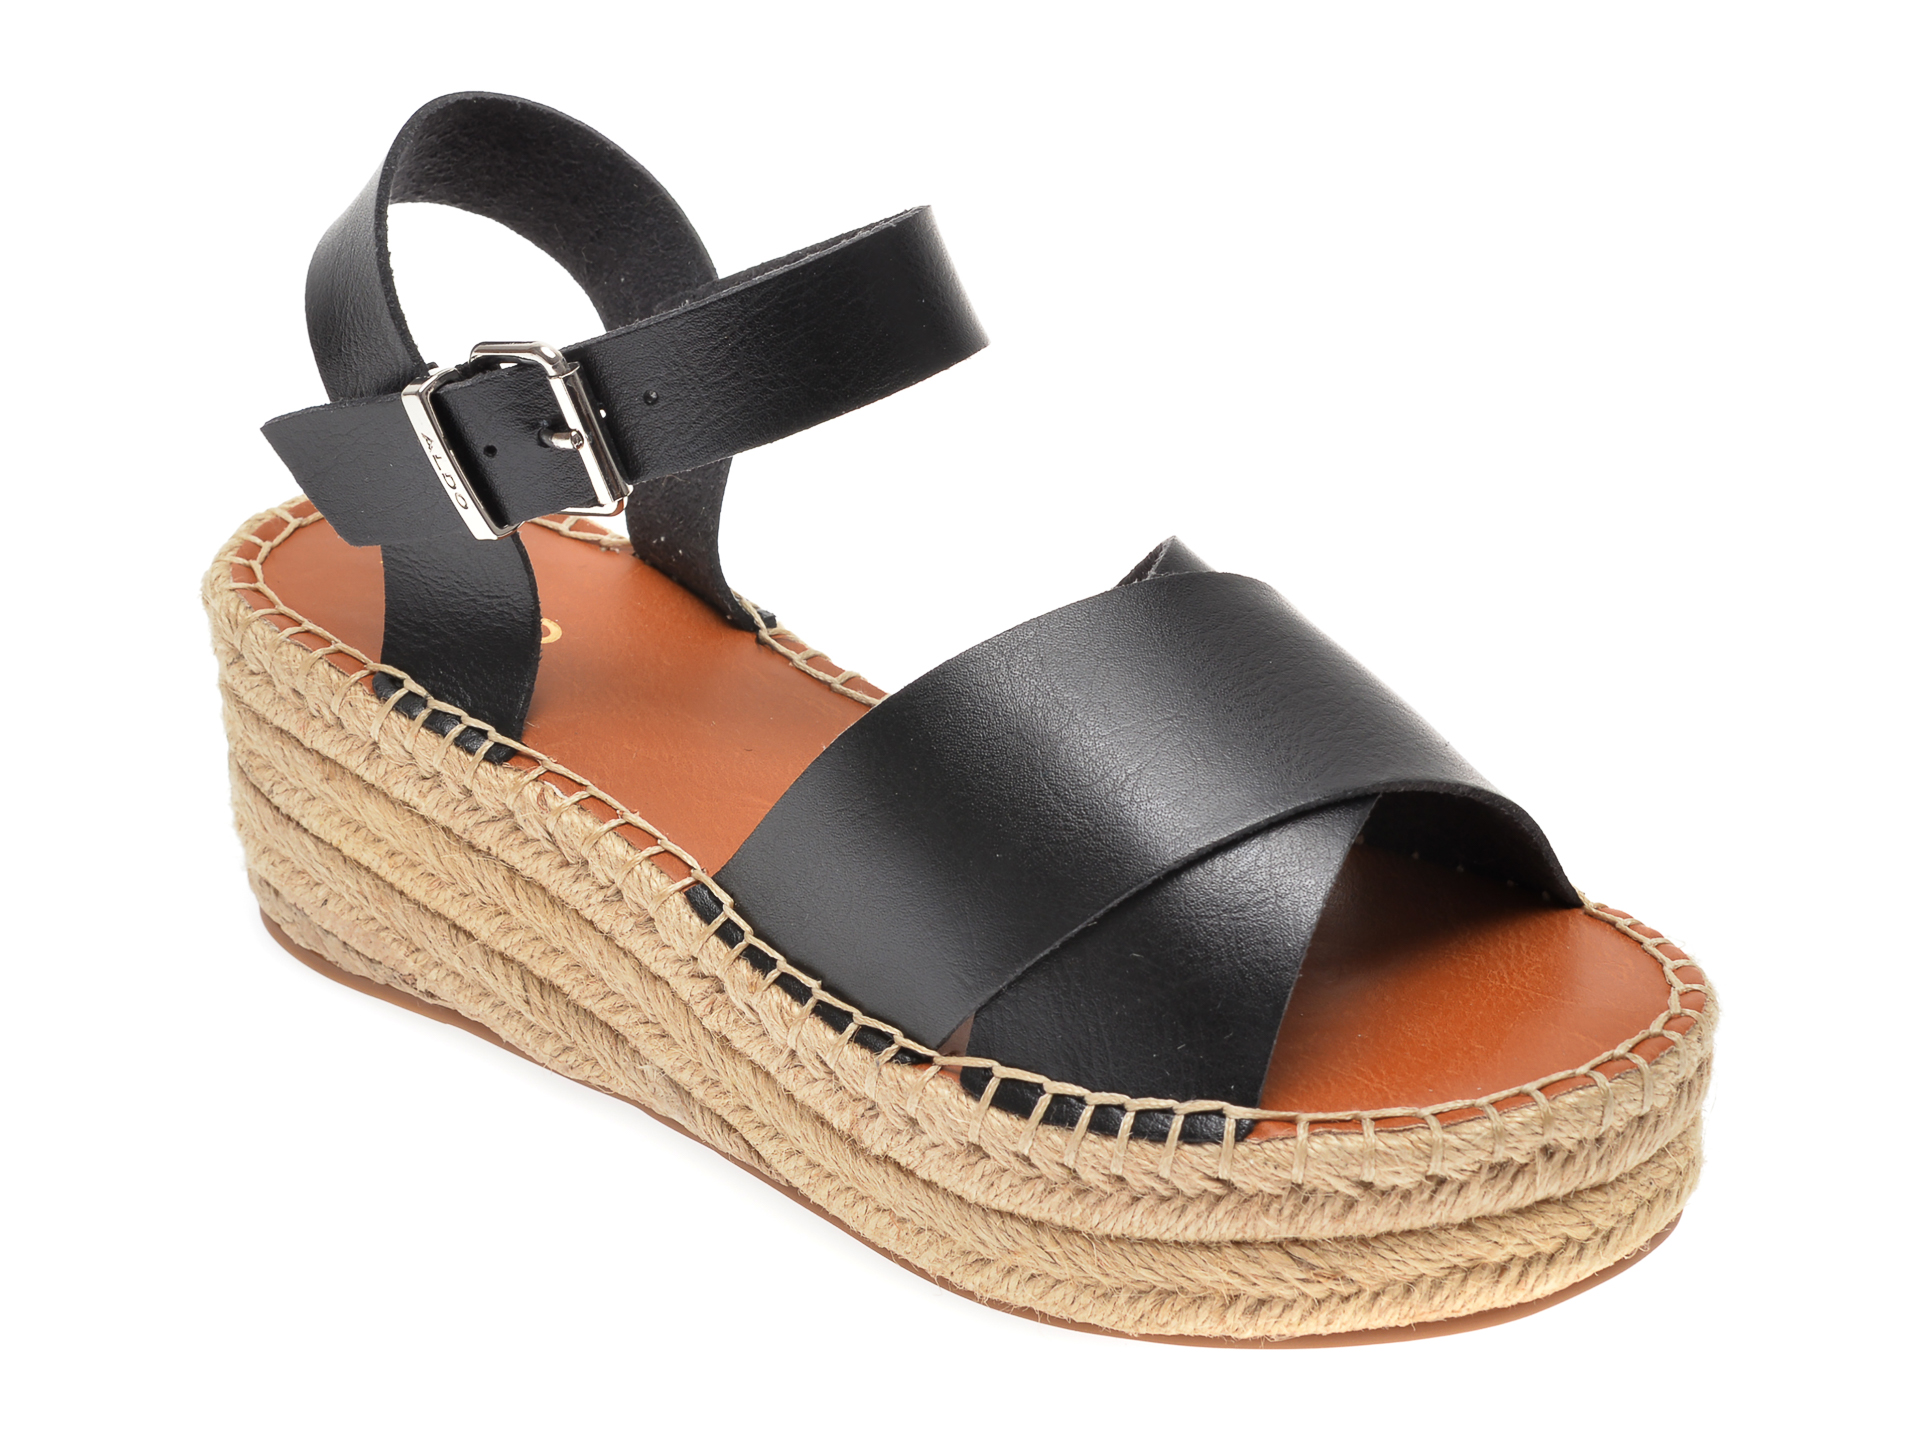 Sandale ALDO negre, Tineviel001, din piele ecologica imagine